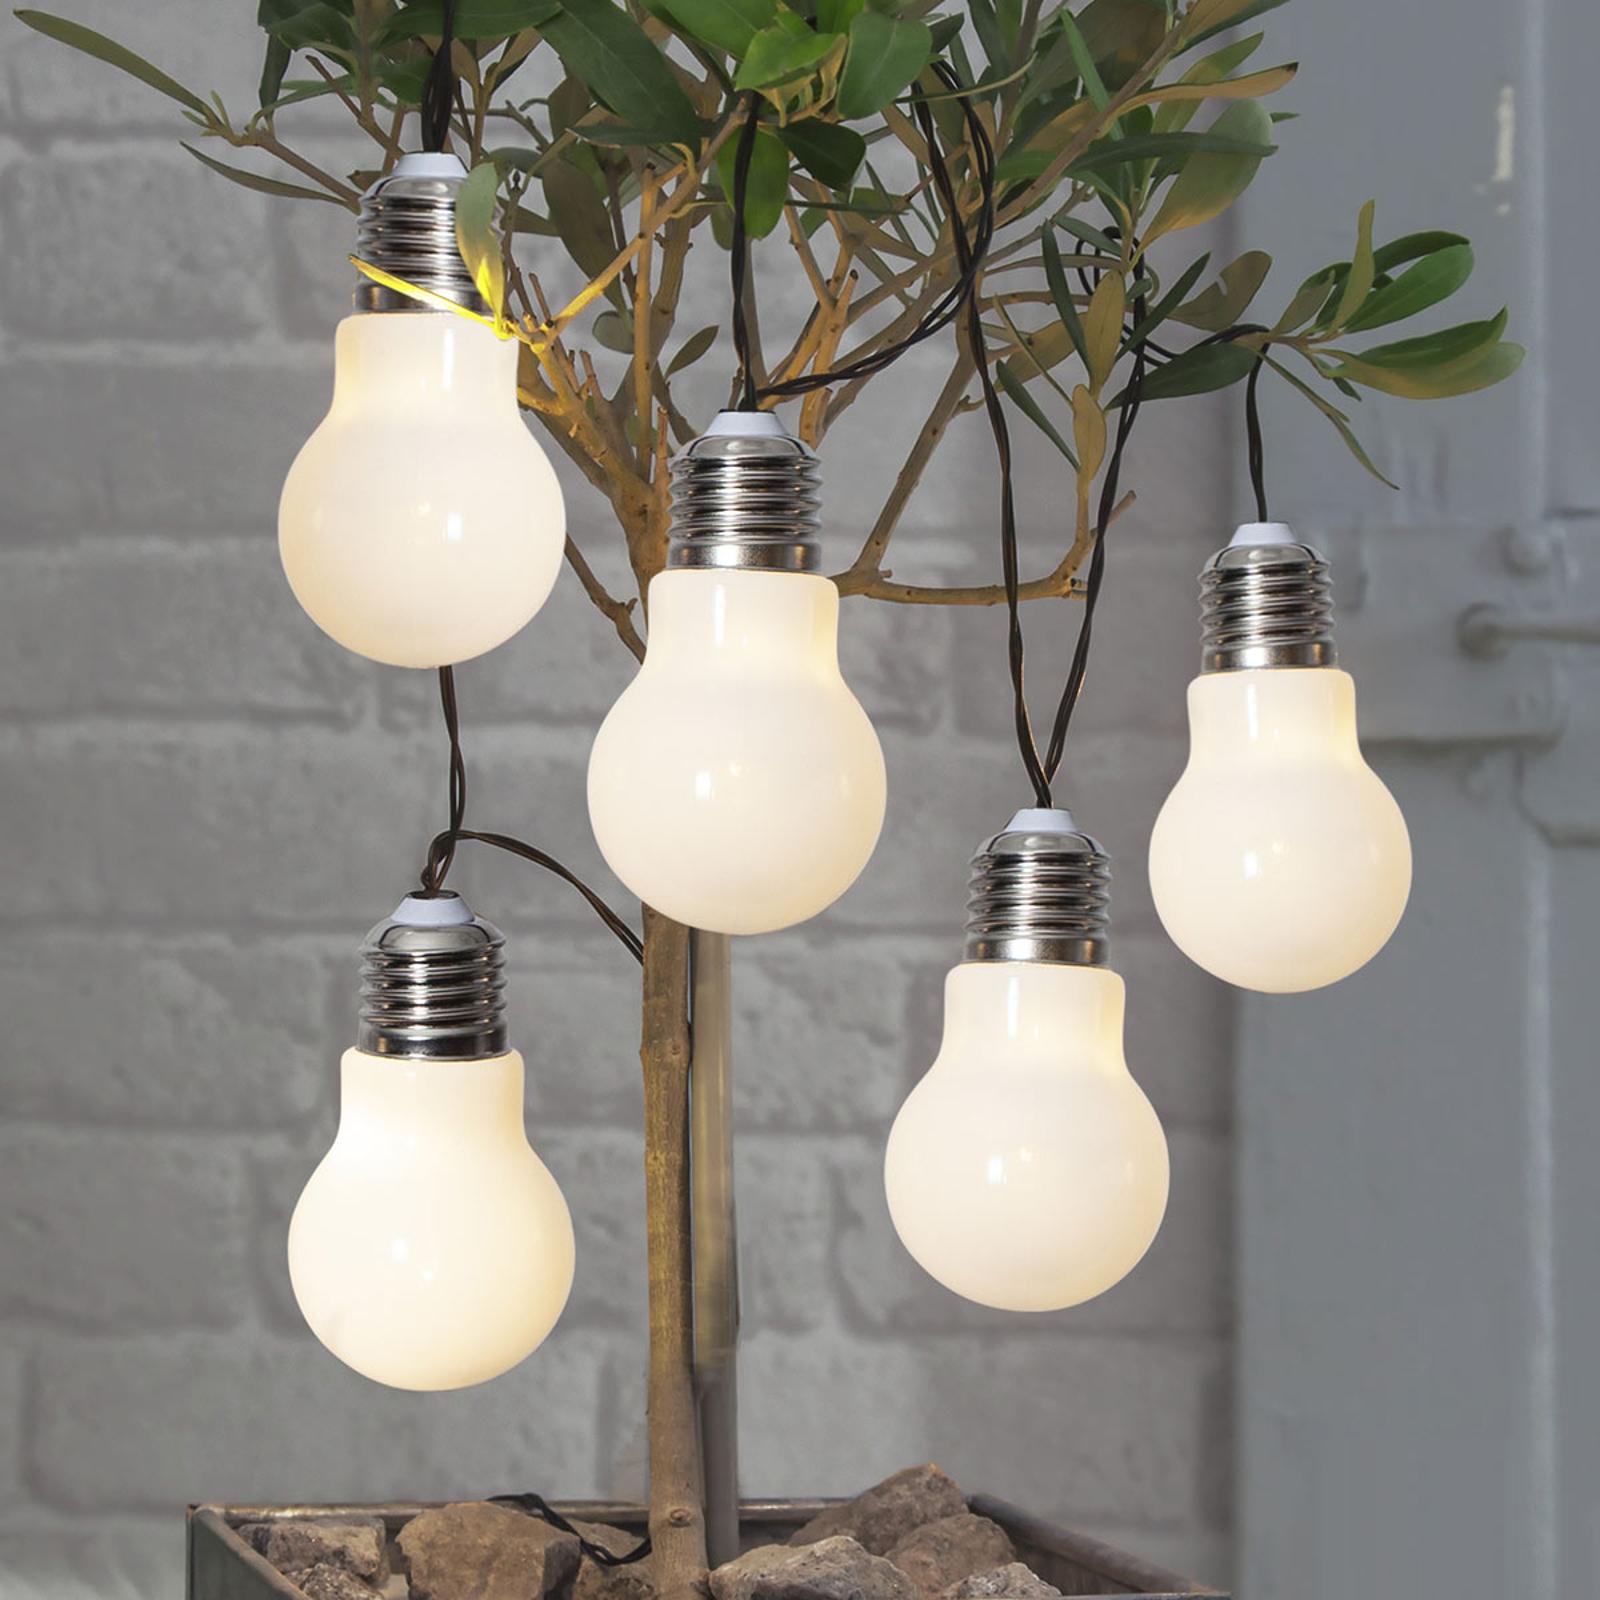 LED-Lichterkette Glow, Batterie, weiß